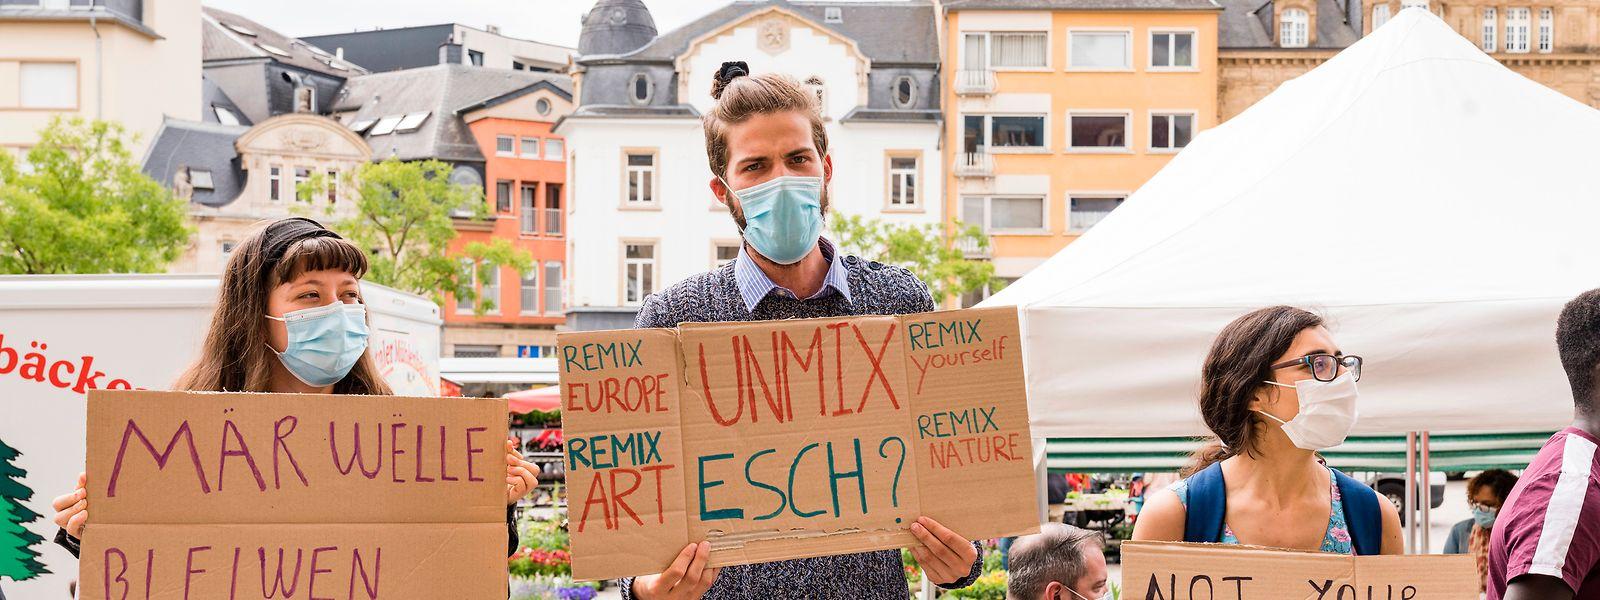 Des résidents et des étudiants ont manifesté leur désaccord avec le nouveau PAG de la Ville d'Esch.